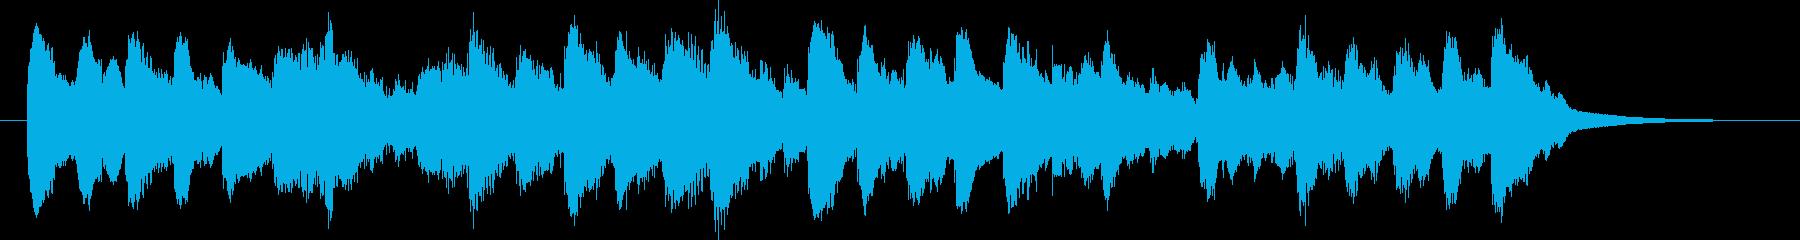 子供がはしゃいでいるような、元気なBGMの再生済みの波形